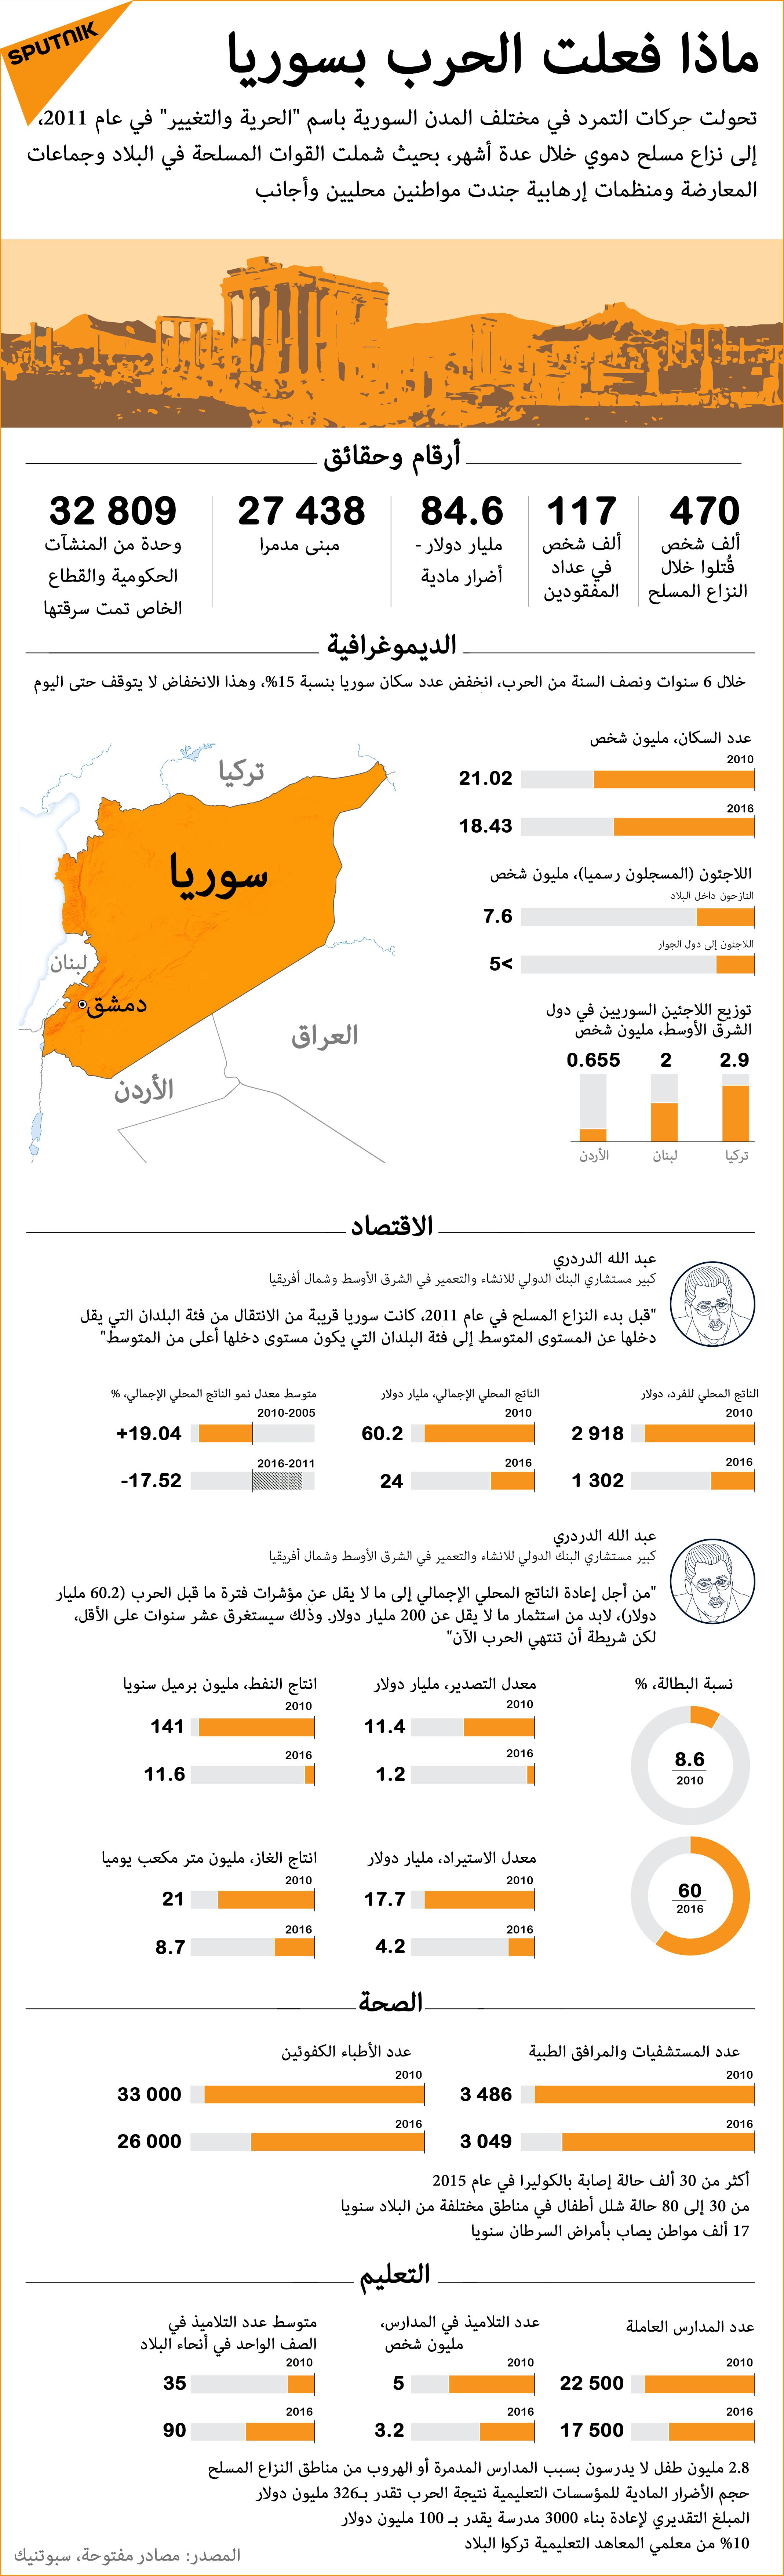 ماذا فعلت الحرب بسوريا حتى عام 2017: أرقام وحقائق